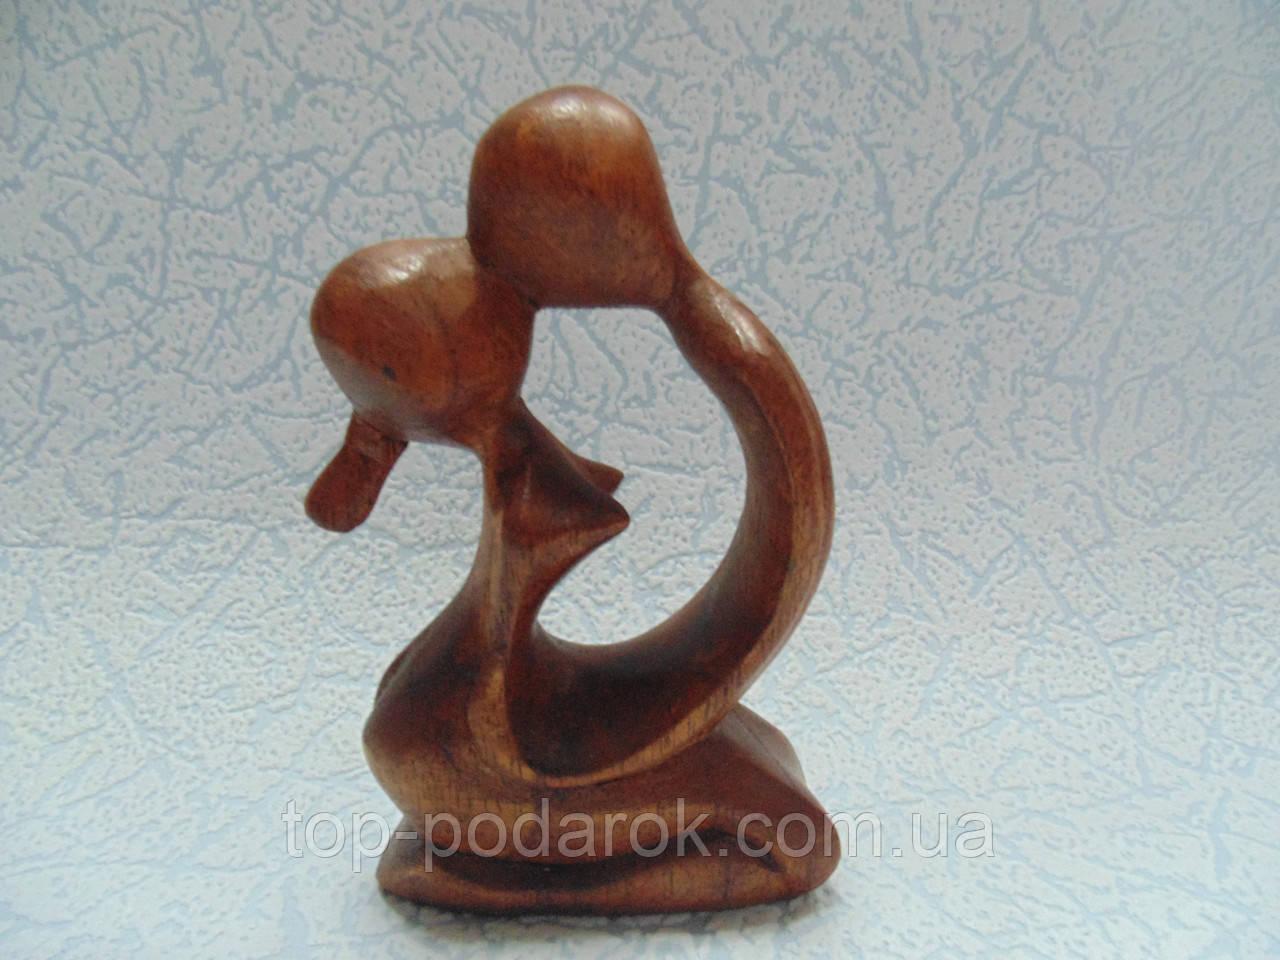 Статуэтка Абстракция влюбленная пара деревянная